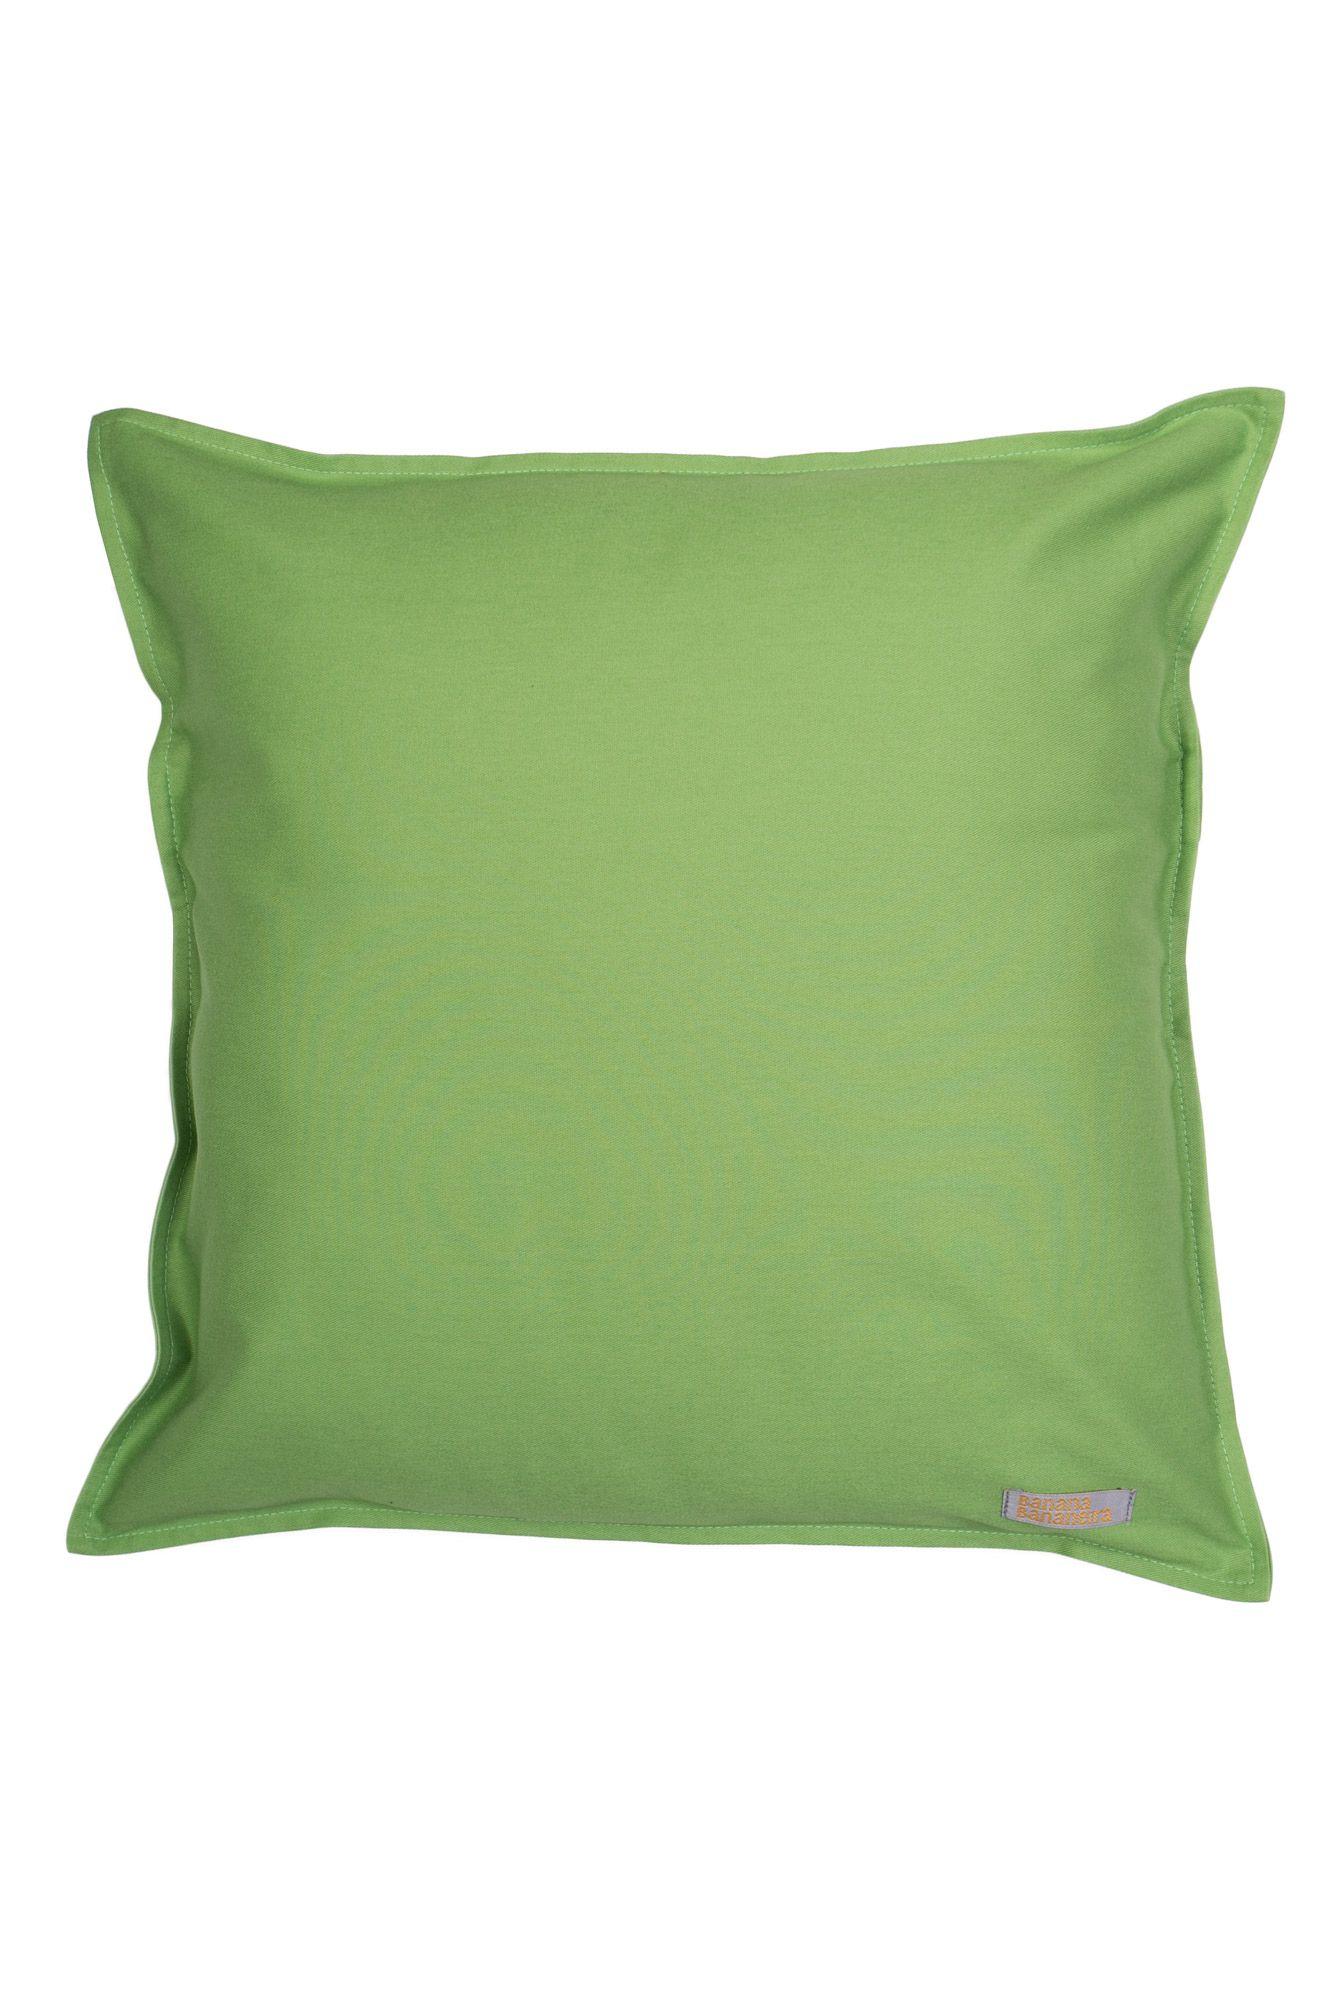 Capa de almofada em pesponto 45 cm x 45 cm verde